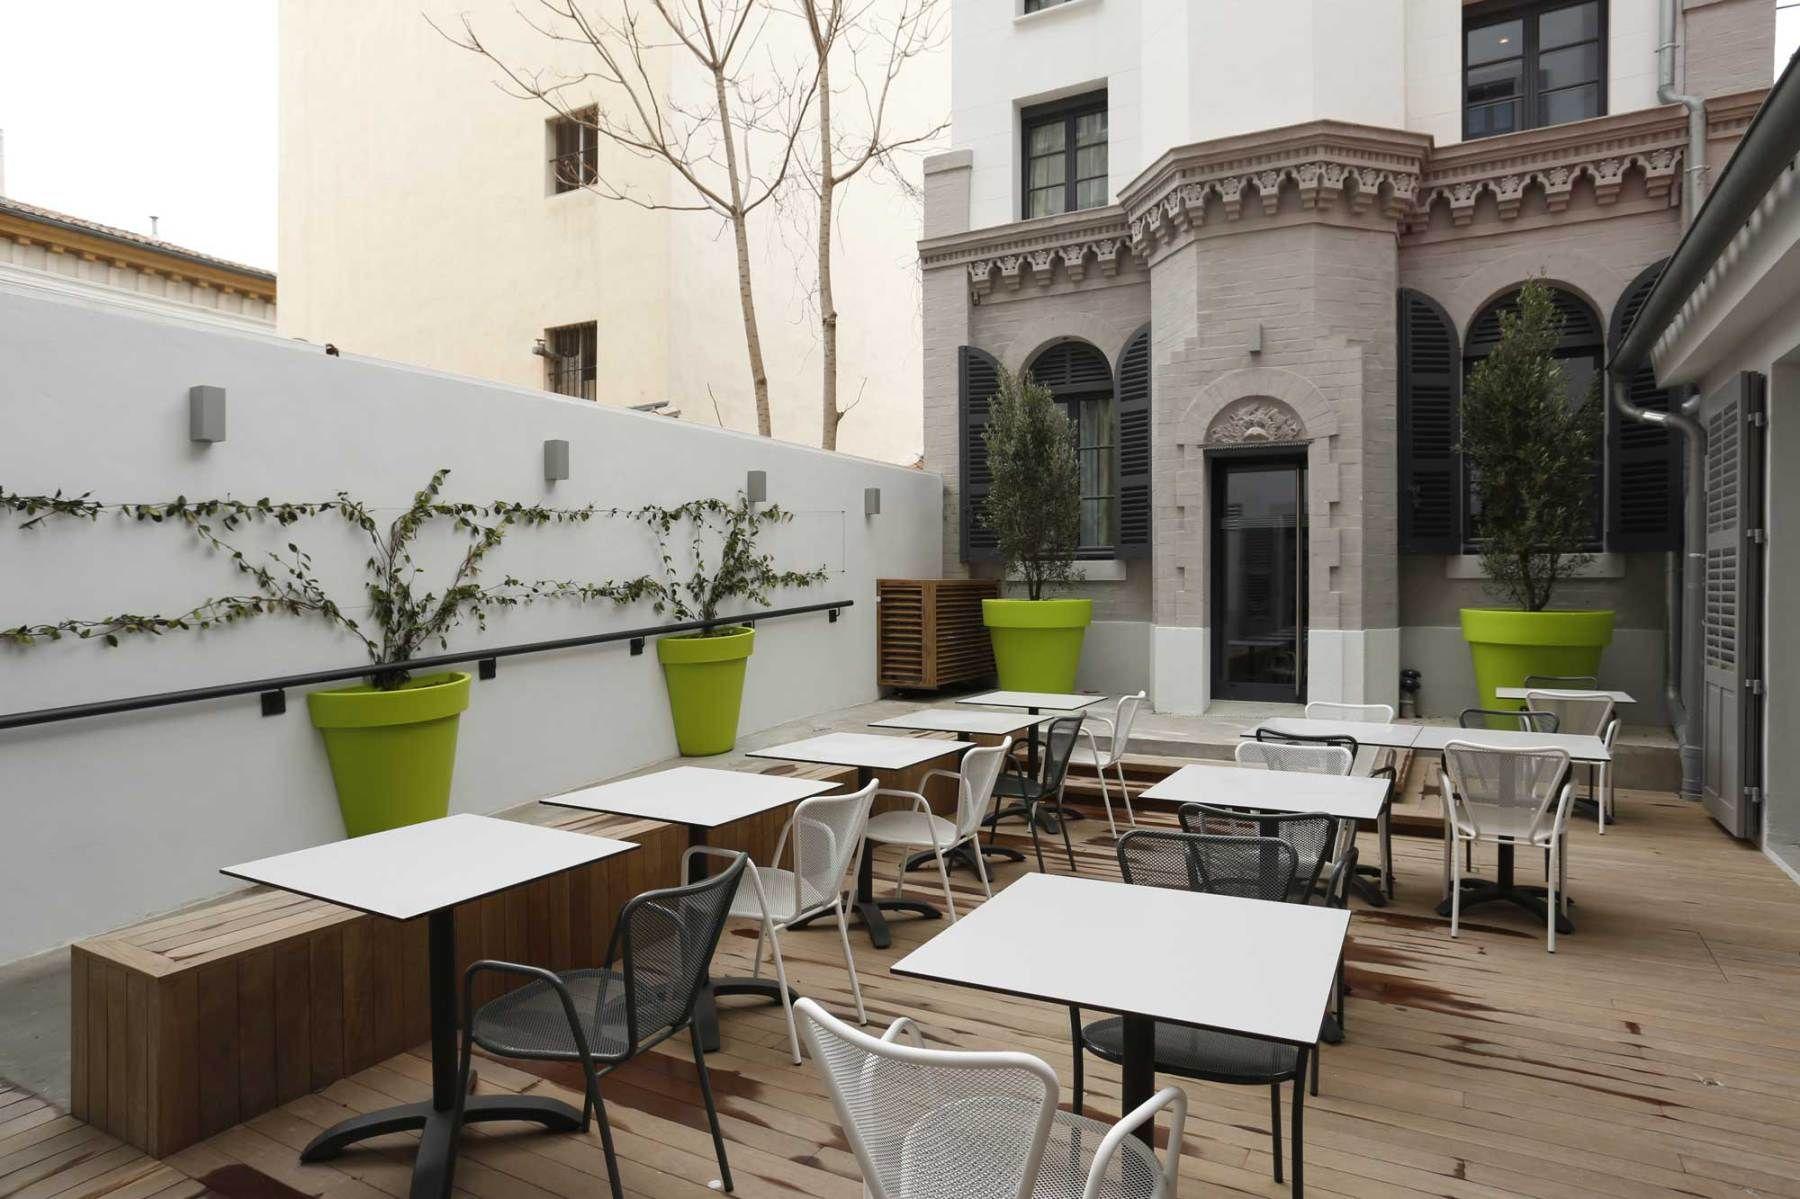 Hotel Alex Marseille Dise O Interior Togu Architecture  # Muebles Riera Sl